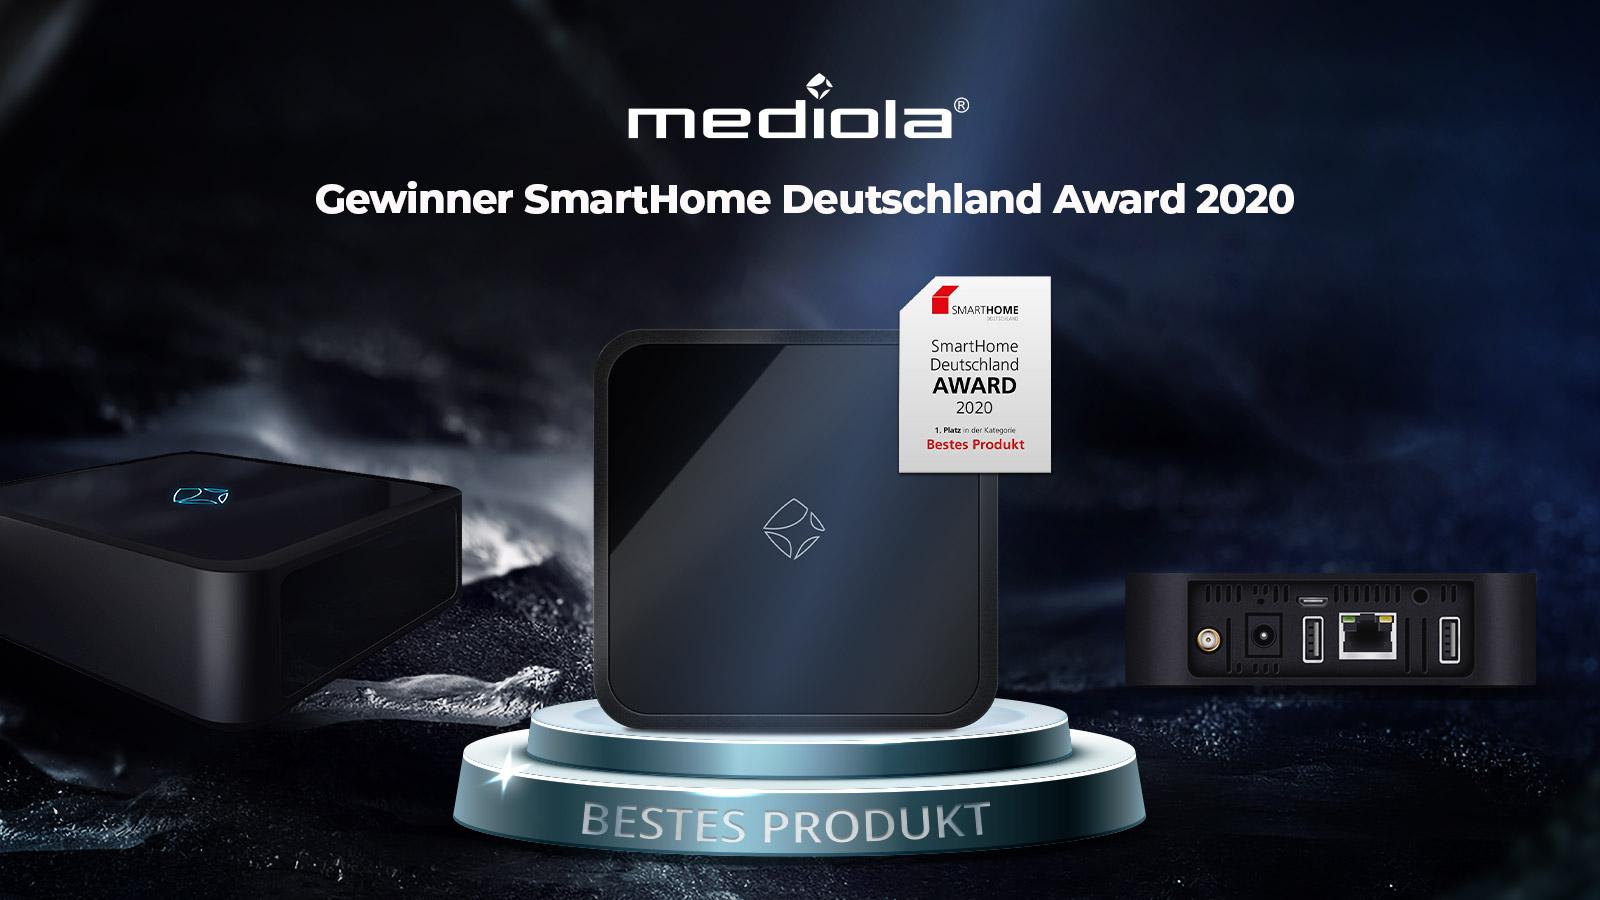 SmartHome Deutschland Award für Bestes Produkt 2020 mediola